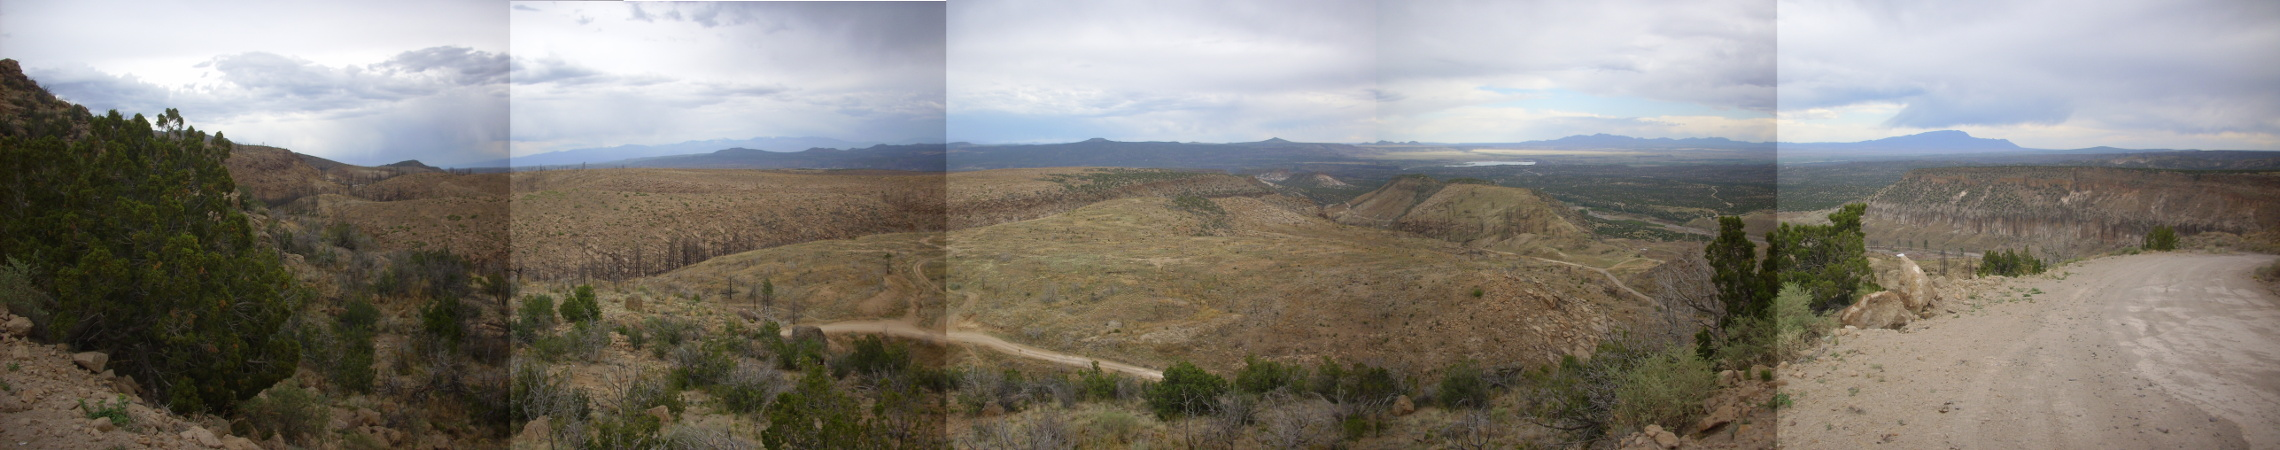 Cerros del Rio from Pajarito Escarpment